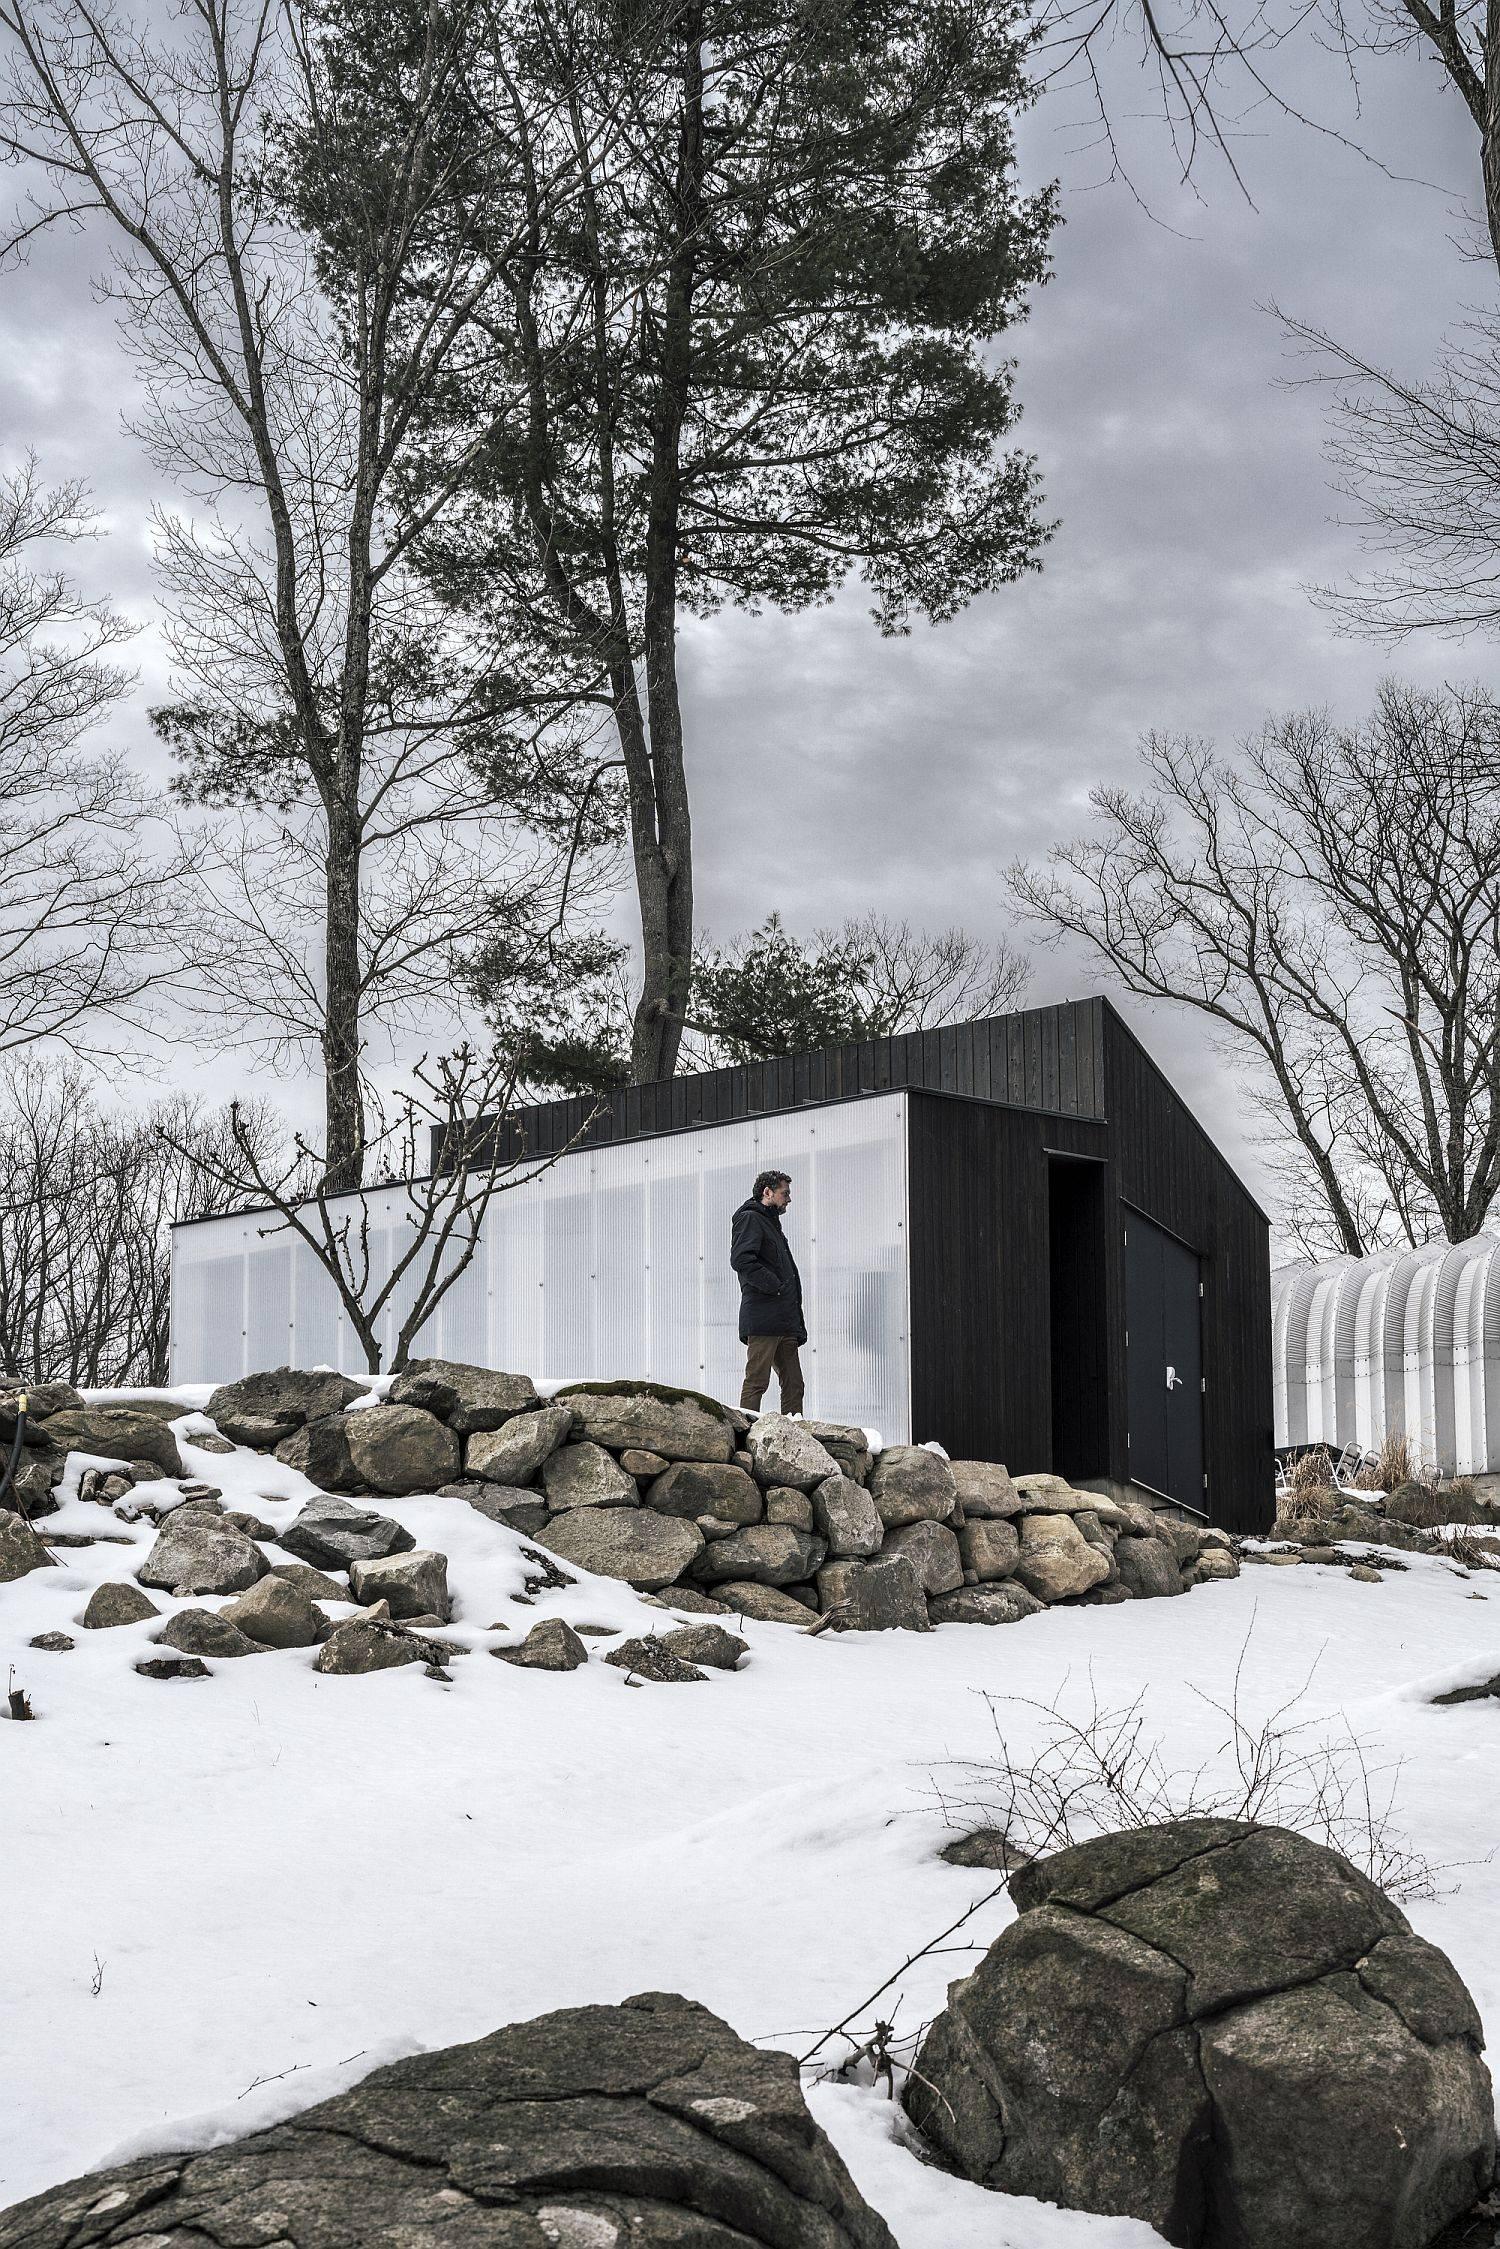 Le-mur-de-panneau-de-polycarbonate-apporte-un-esthe-differe-a-cette-petite-cabane-en-bois-a-New-York-72988